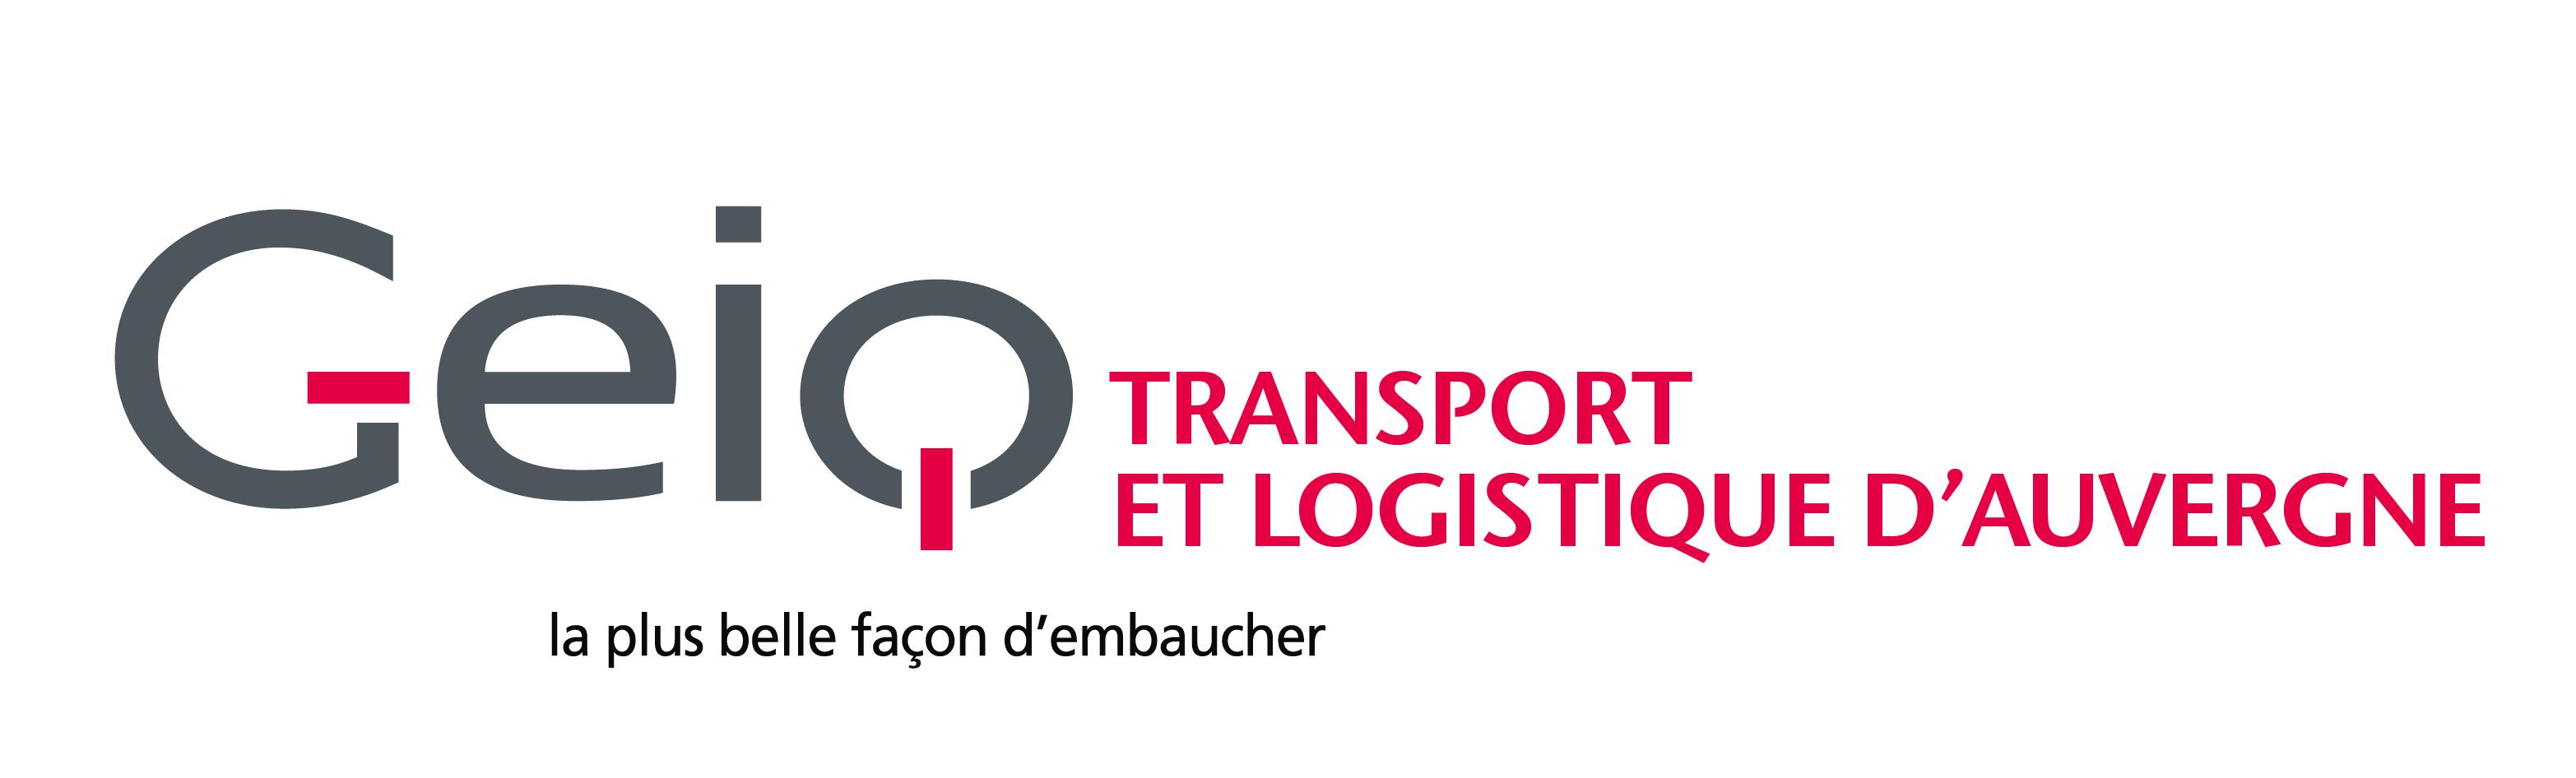 logo de l'entreprise GEIQ TRANSPORT ET LOGISTIQUE AUV